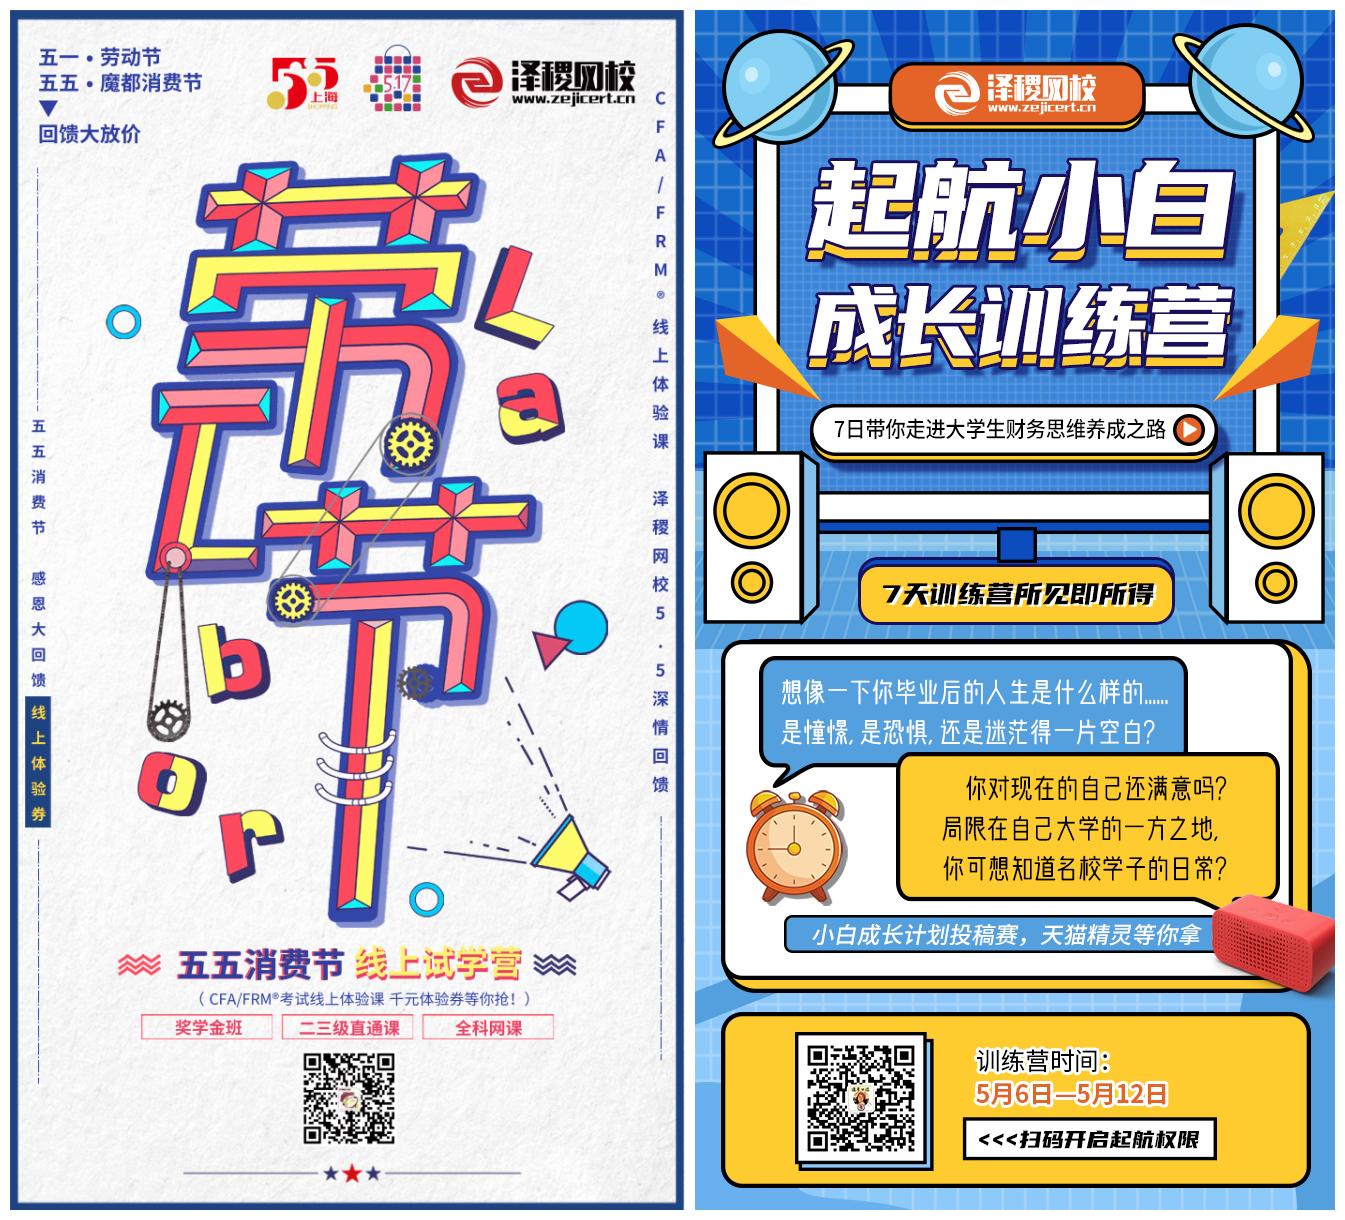 """热烈祝贺泽稷教育荣获""""上海信息消费节最佳场景奖"""""""